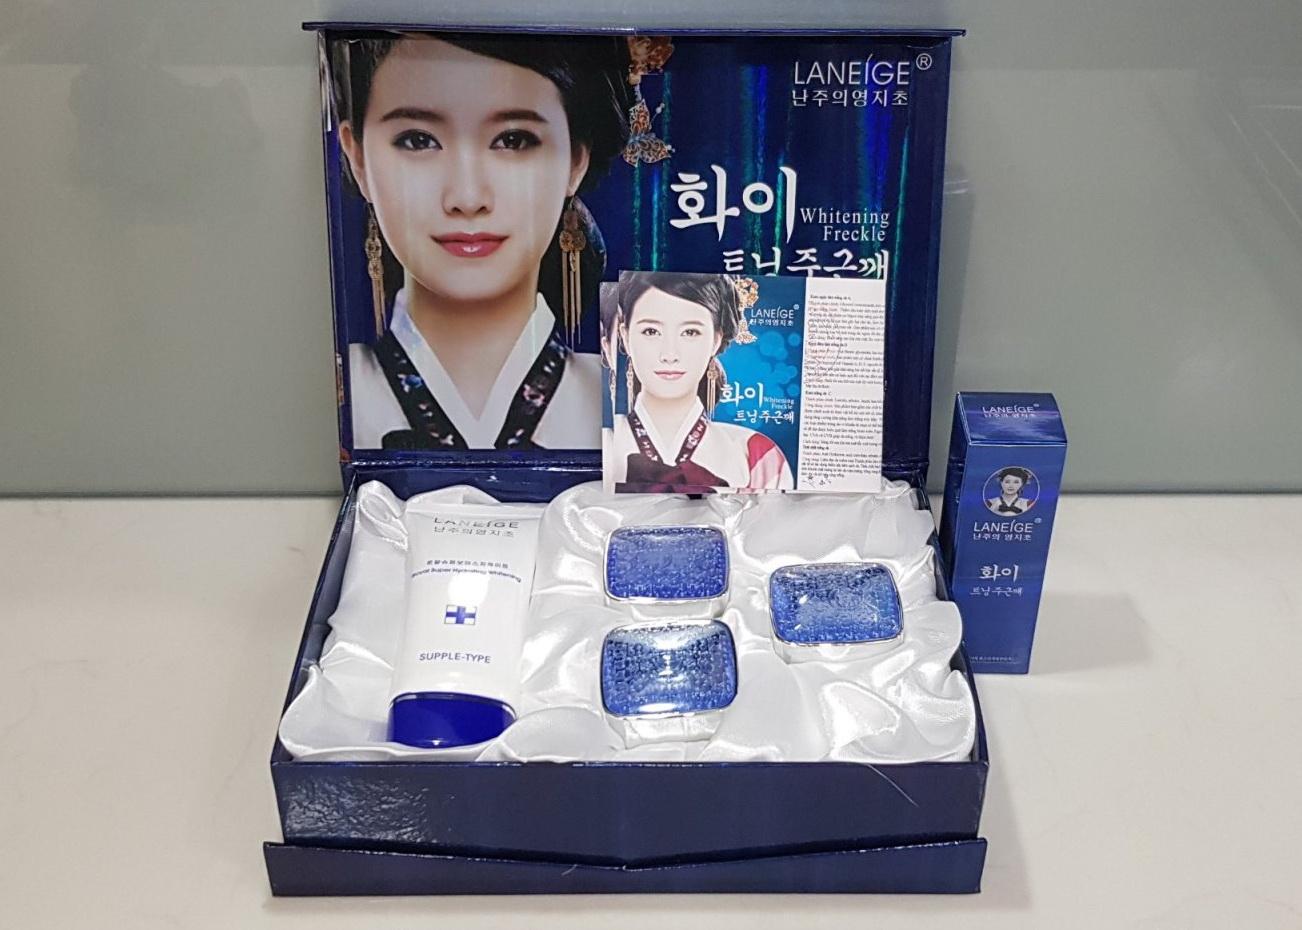 Laneige Xanh (5in1), Bộ mỹ phẩm trắng da, trị nám cao cấp